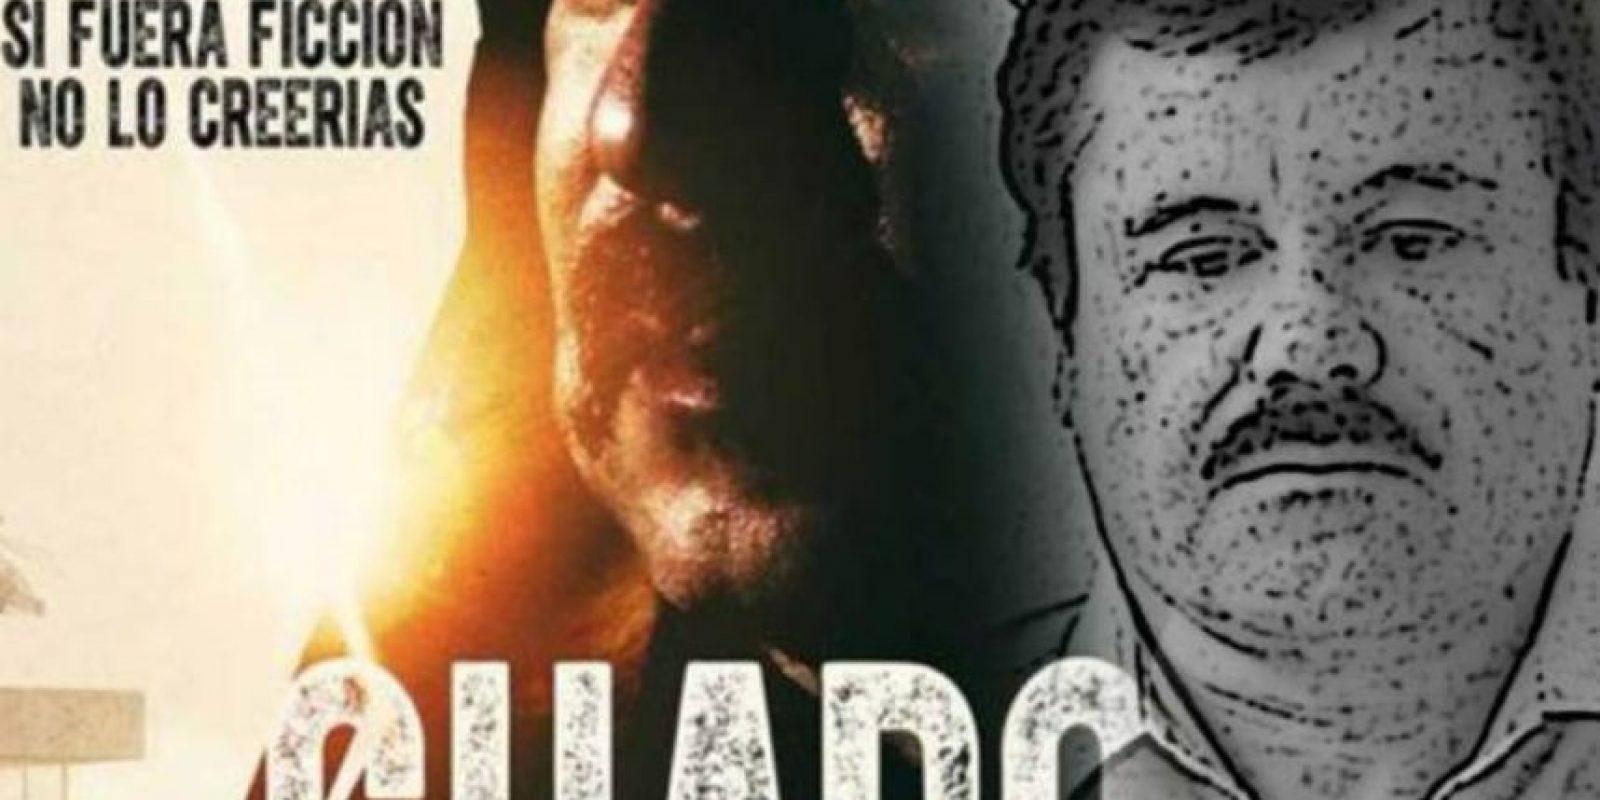 El actor Irineo Álvarez, quien estelariza la cinta aclaró que el film no tiene relación con la biografía que deseaba filmar Joaquín Guzmán, según comunicado de la Procuraduría General de la República. Foto:Vía Twitter